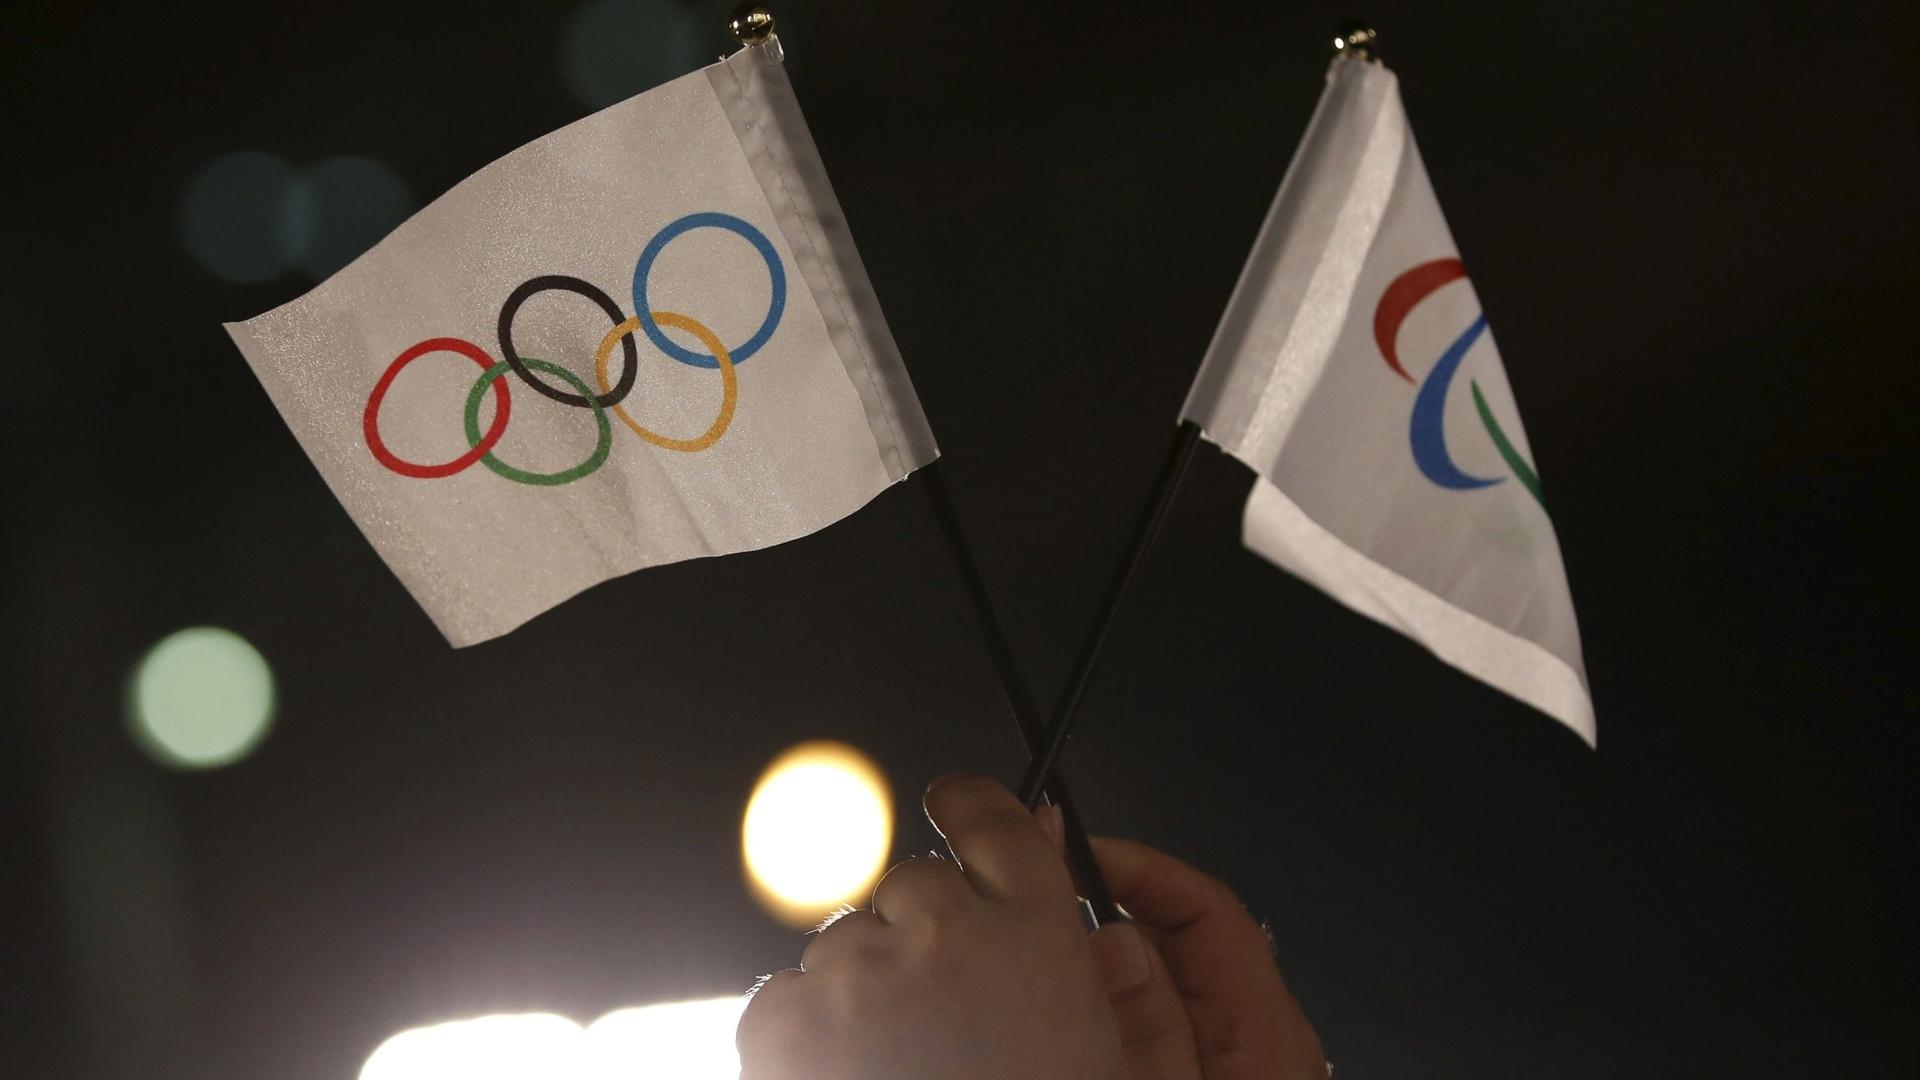 اليابان: يجب إقامة أولمبياد طوكيو بأي ثمن العام المقبل